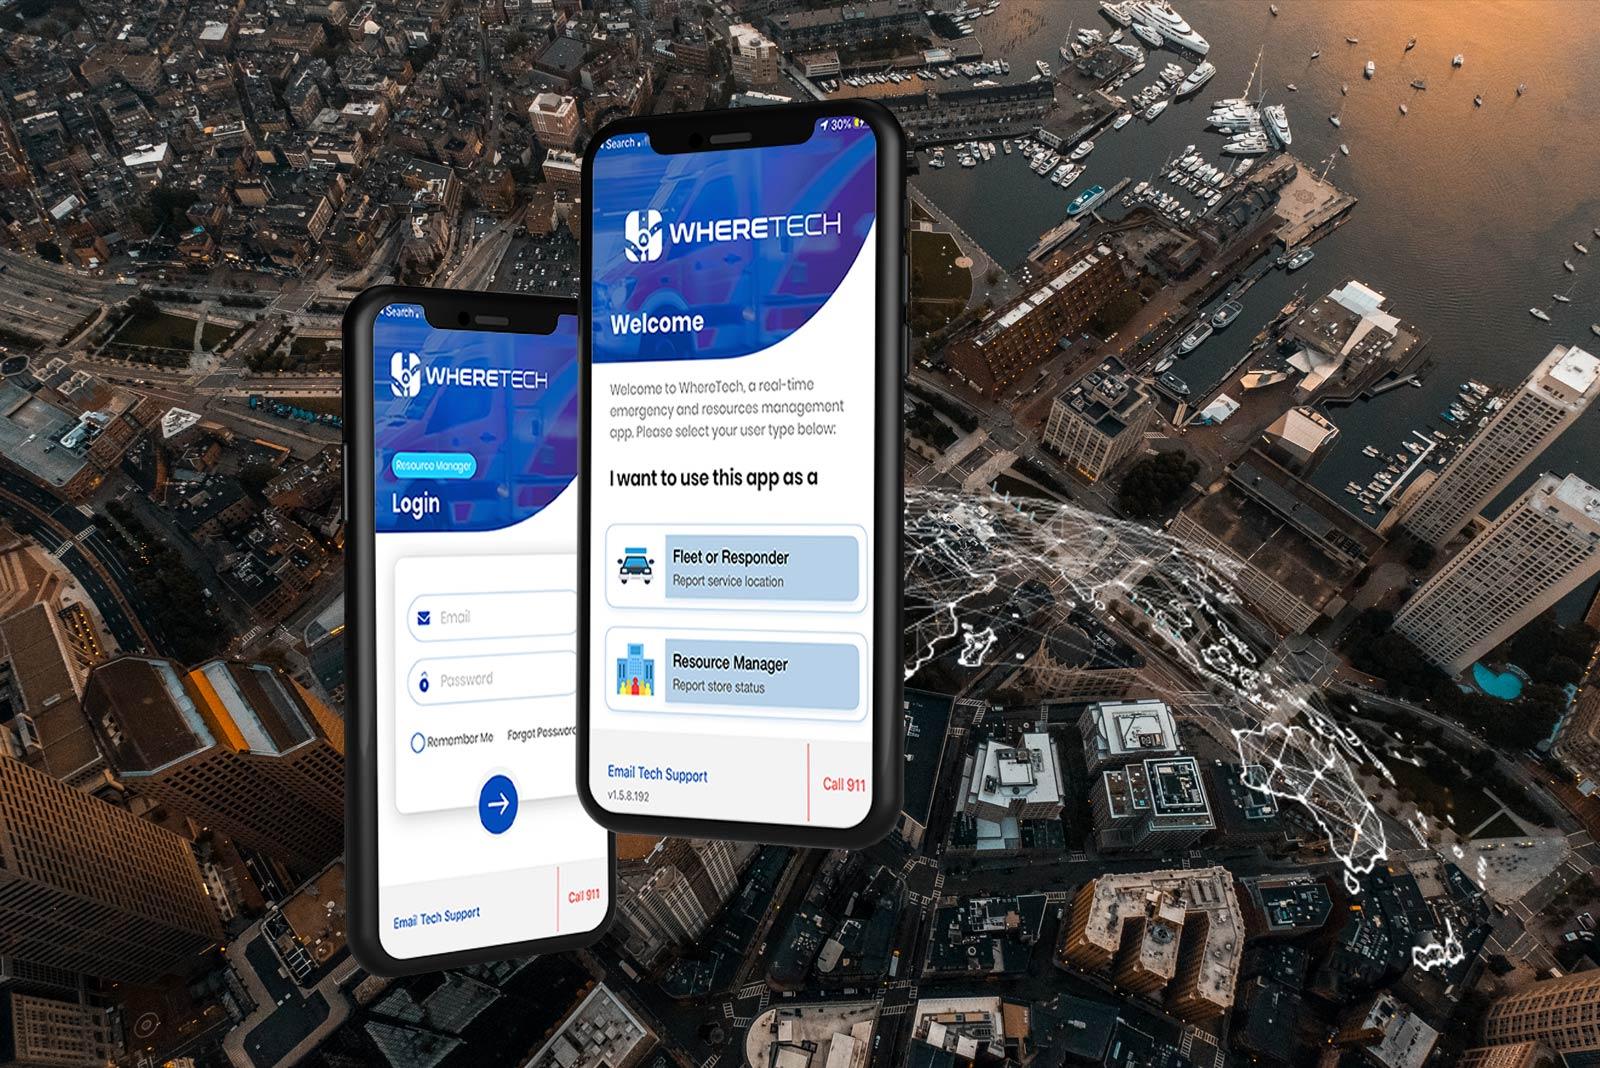 website promote app